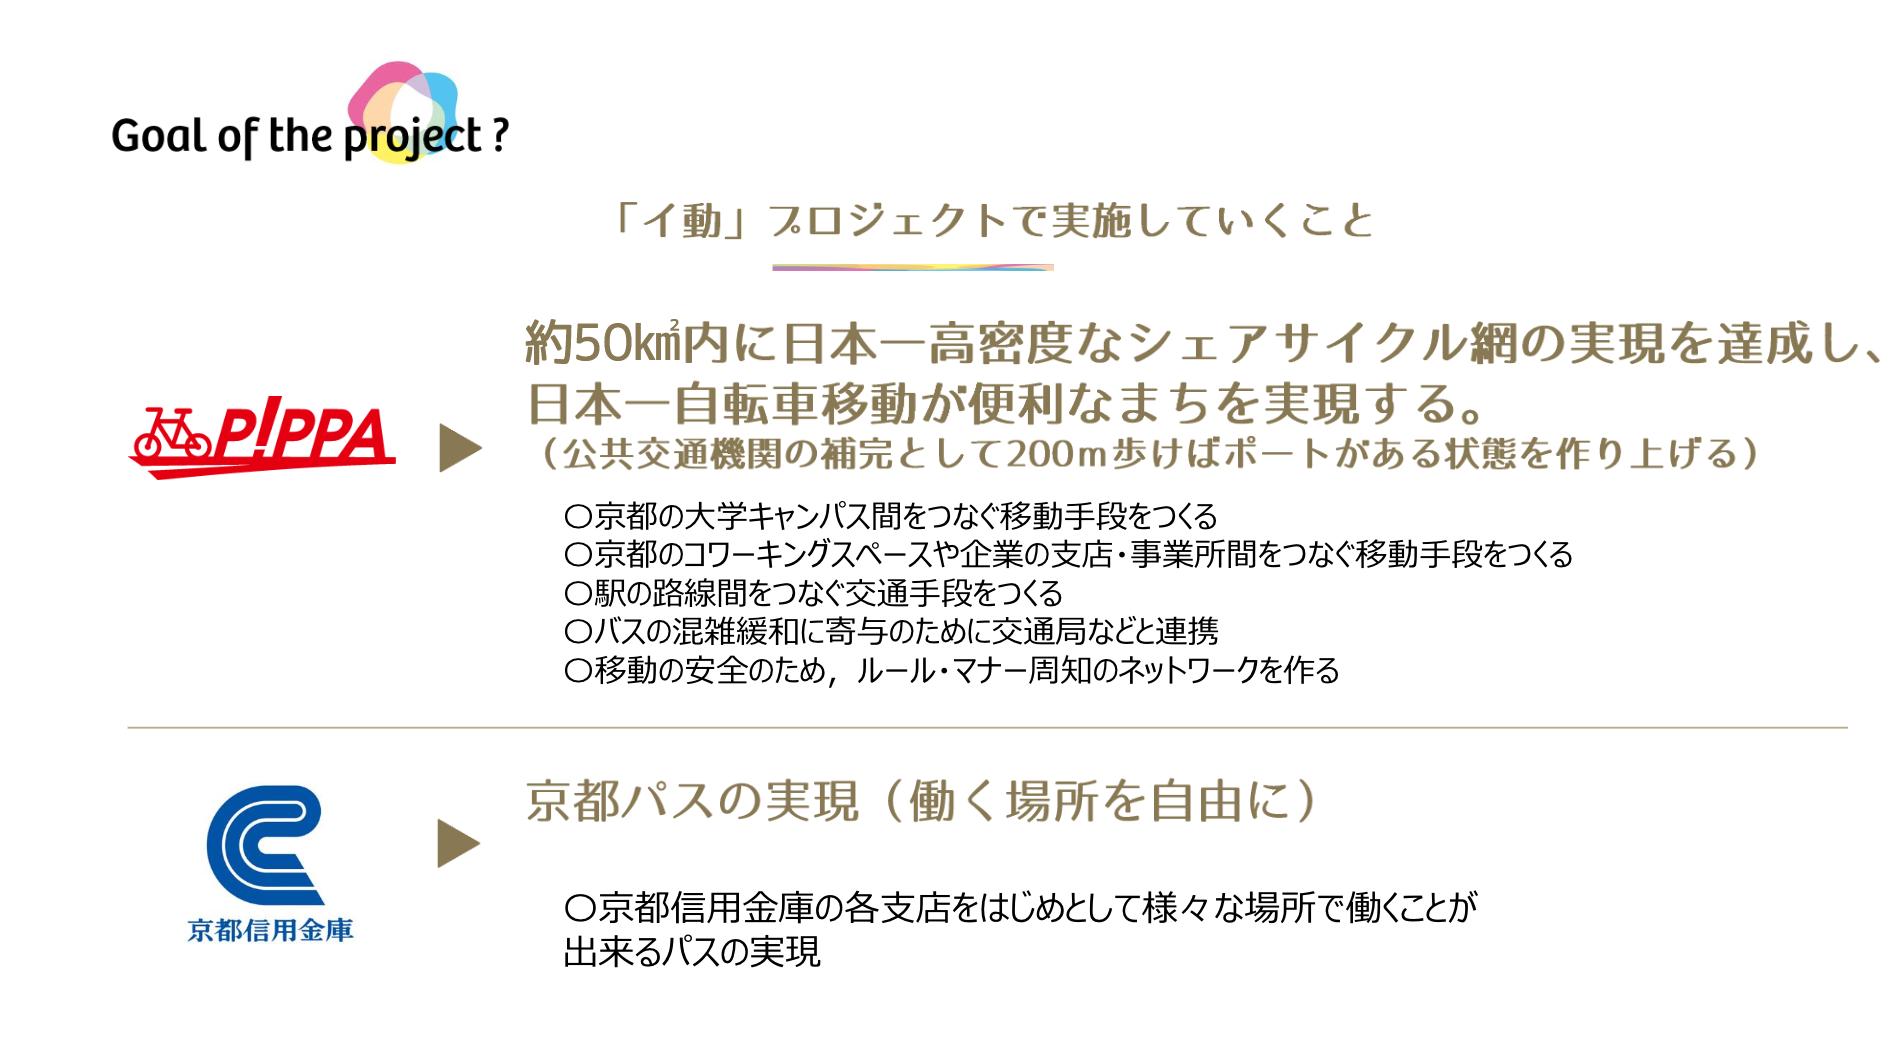 スクリーンショット 2020-09-01 10.24.46